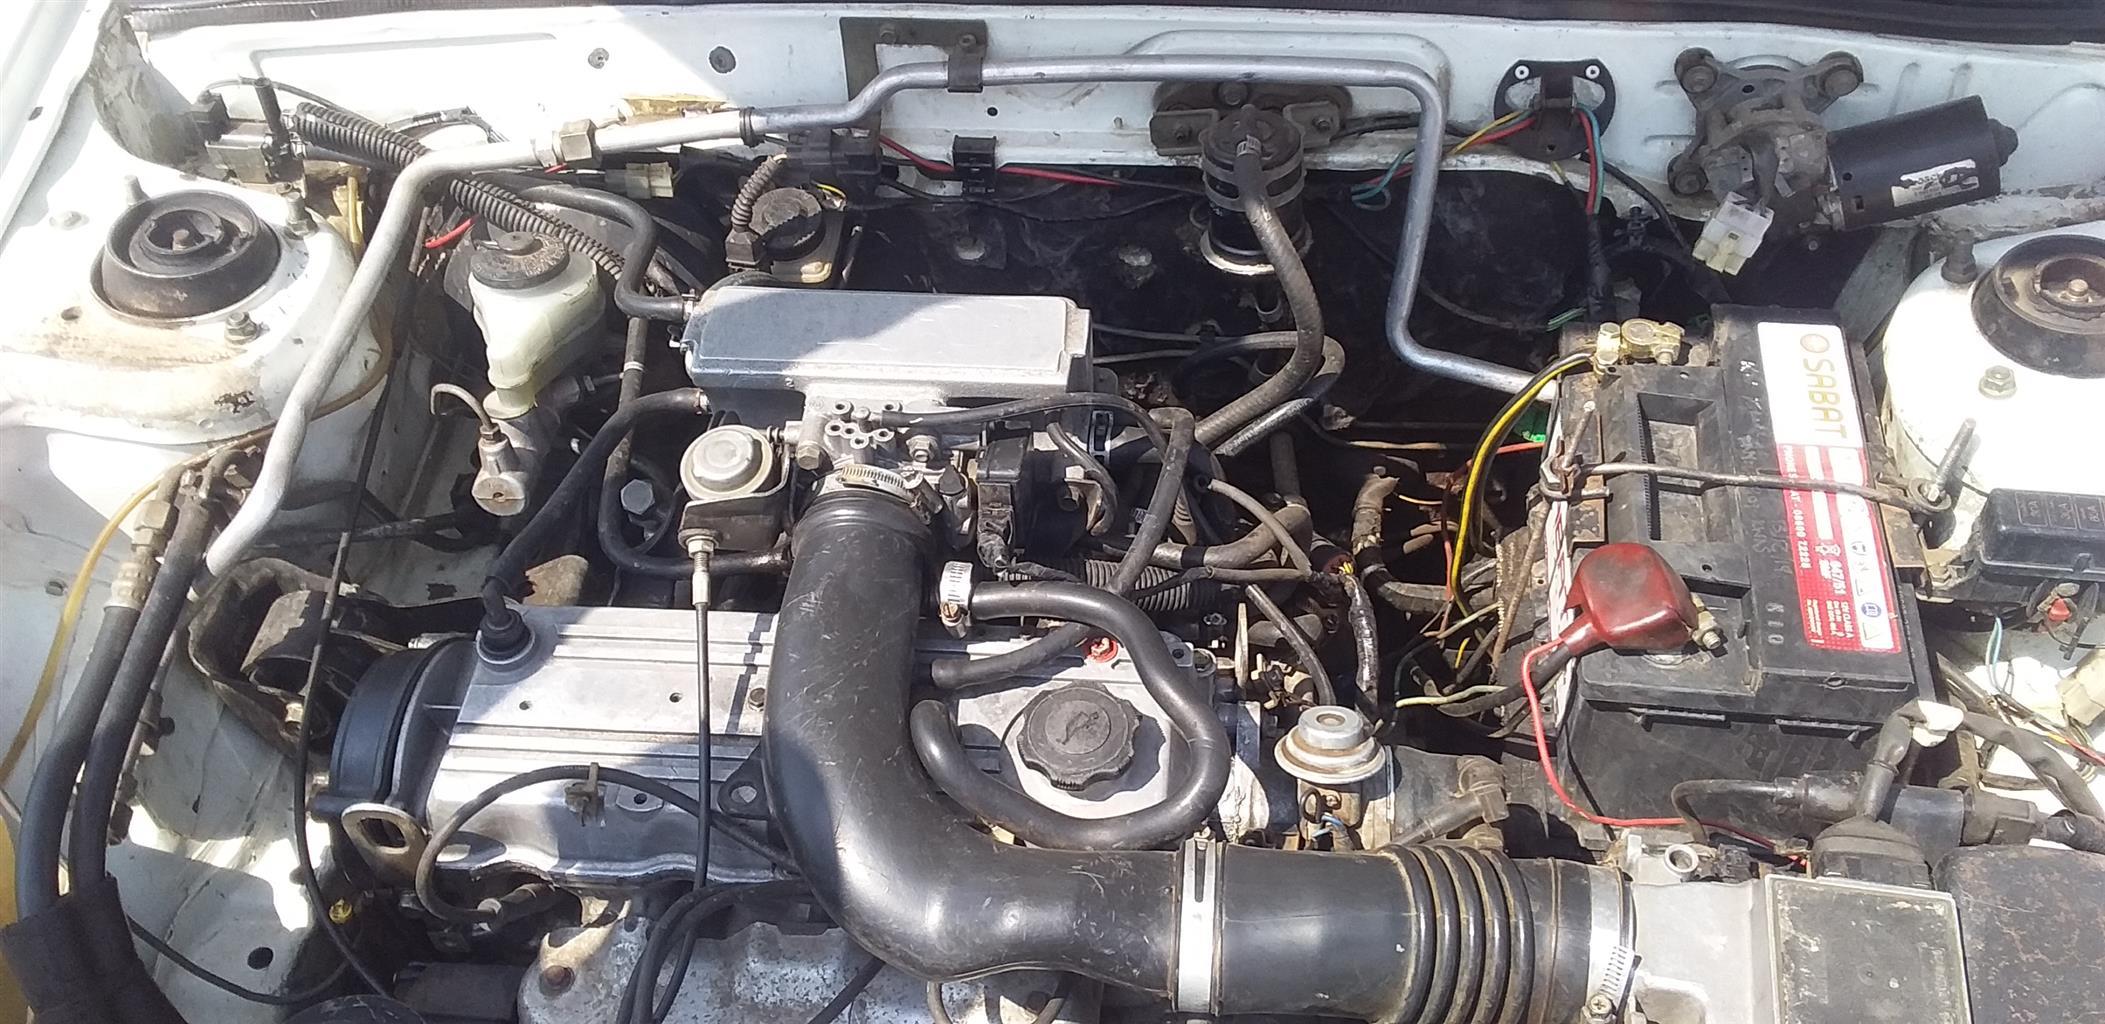 2002 Ford Bantam 1.6i